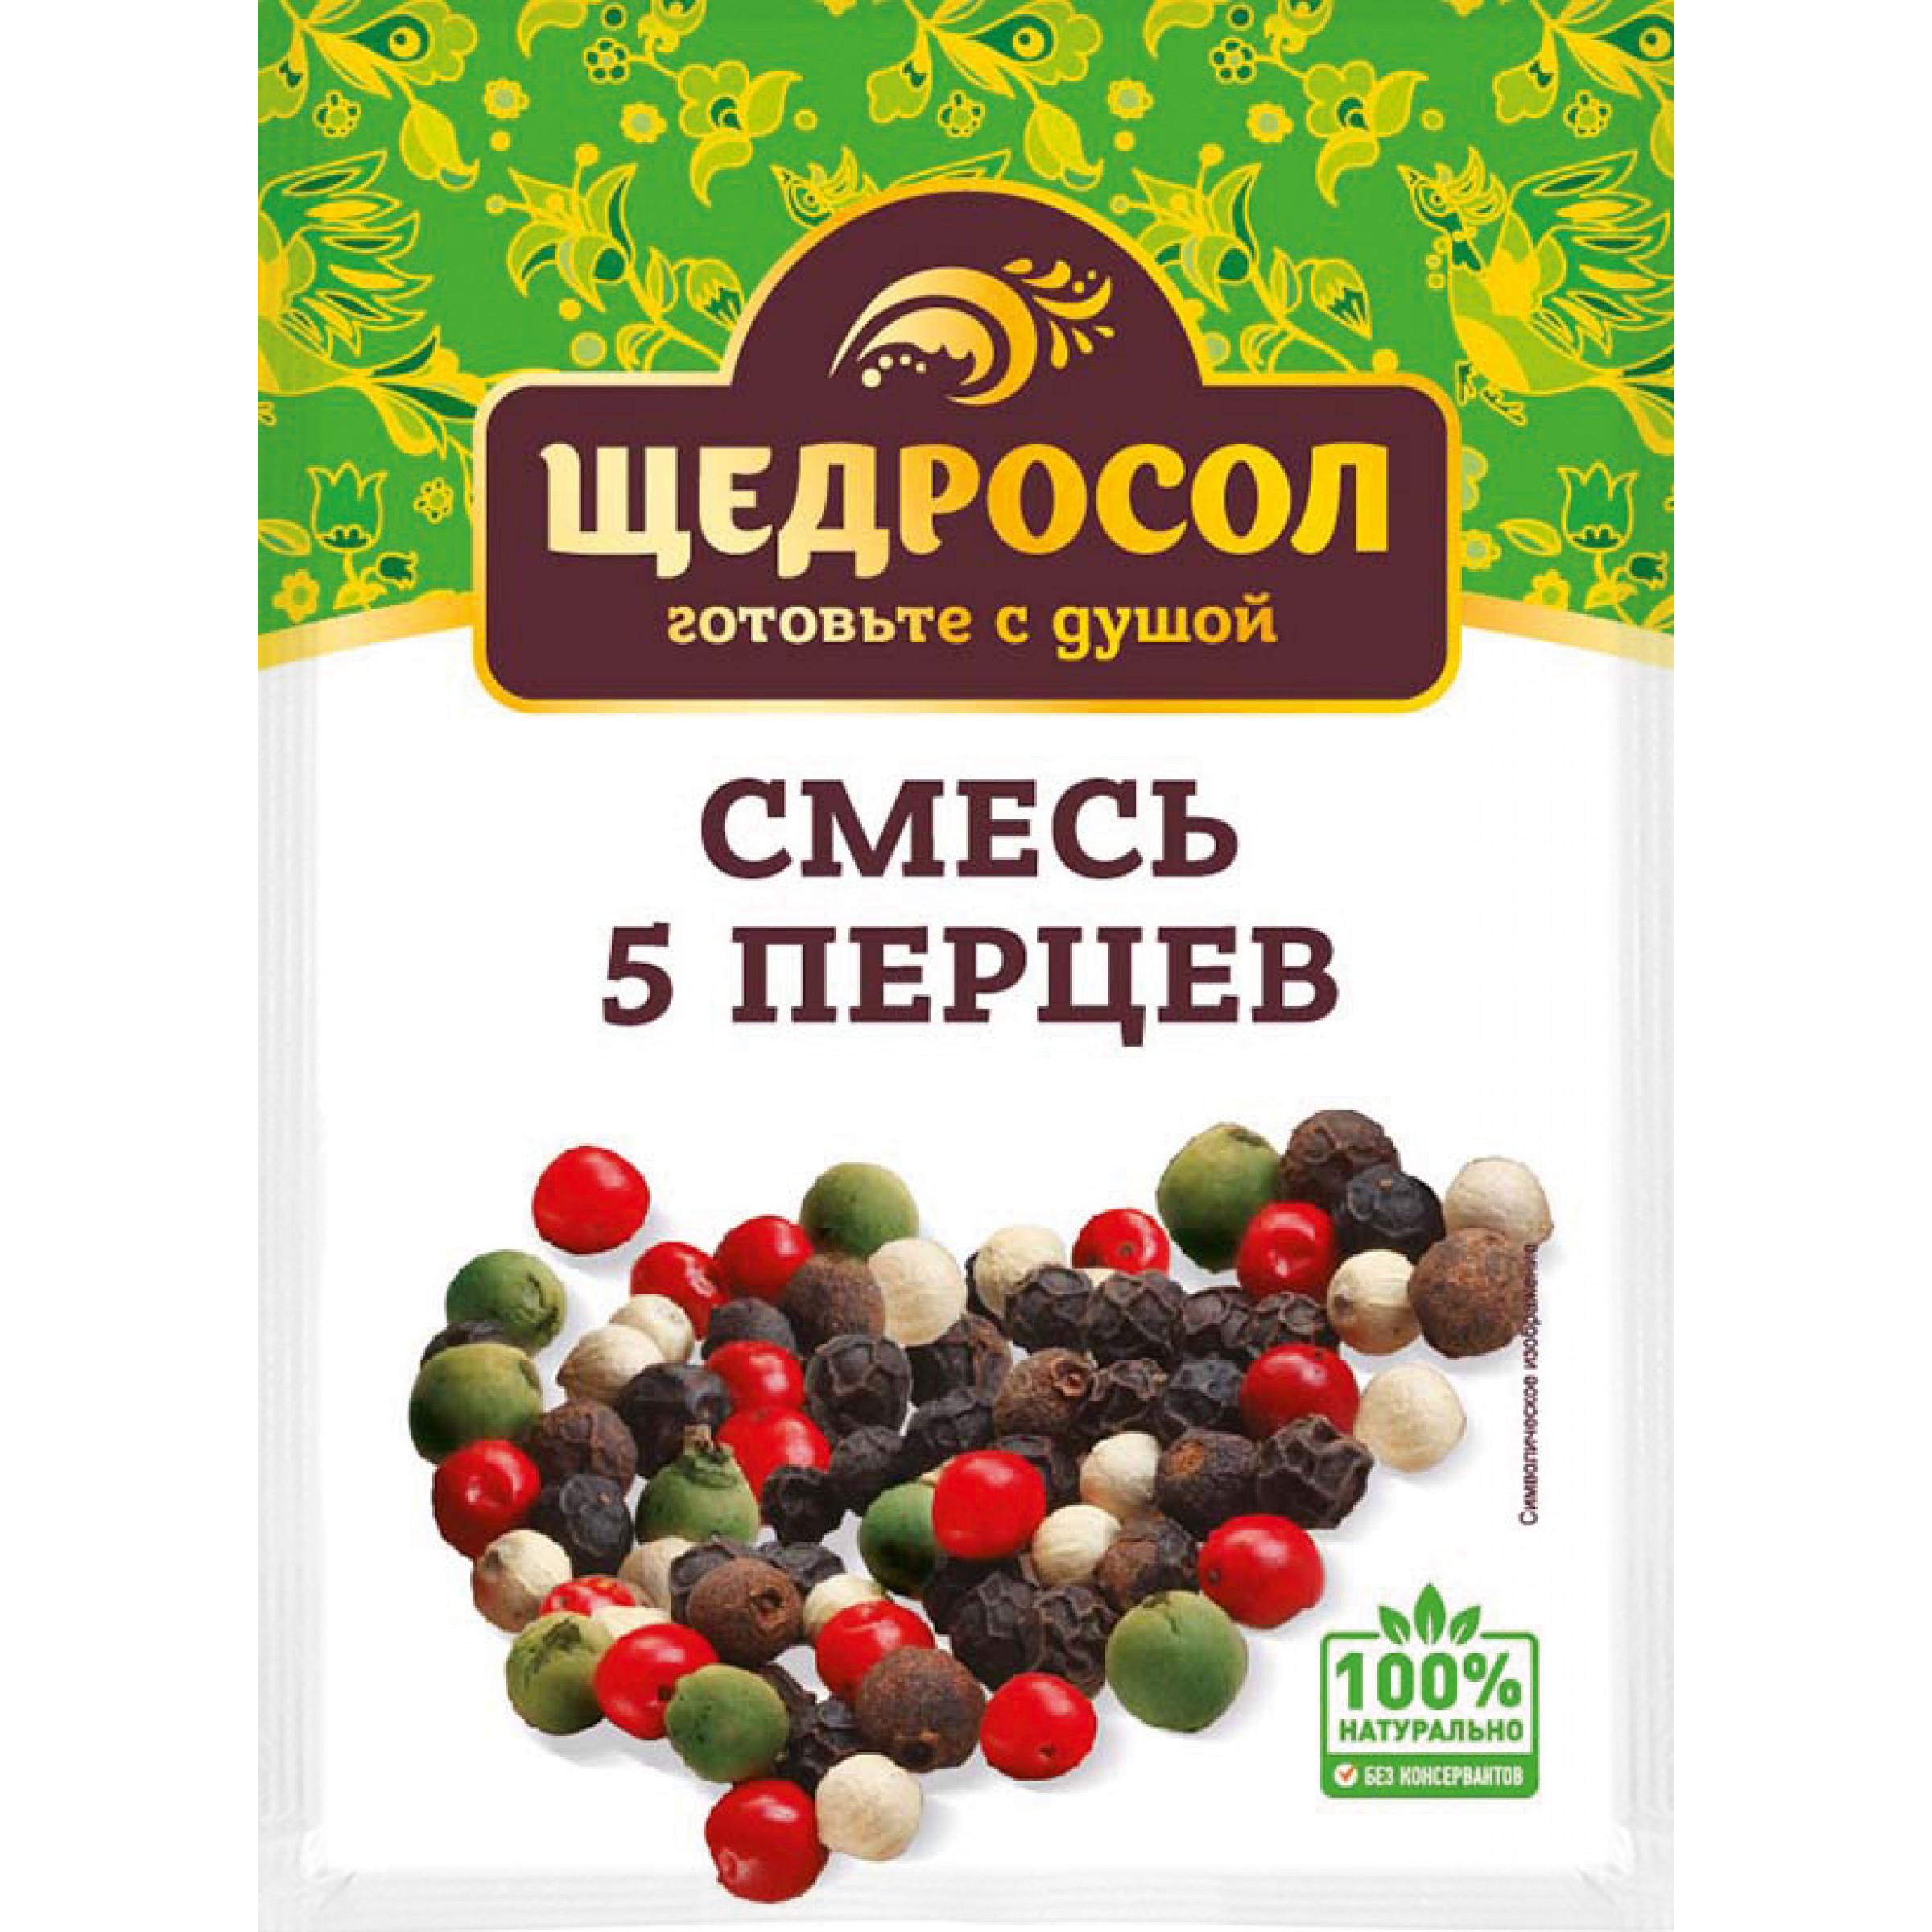 Смесь 5 перцев Щедросол, горошек 10гр